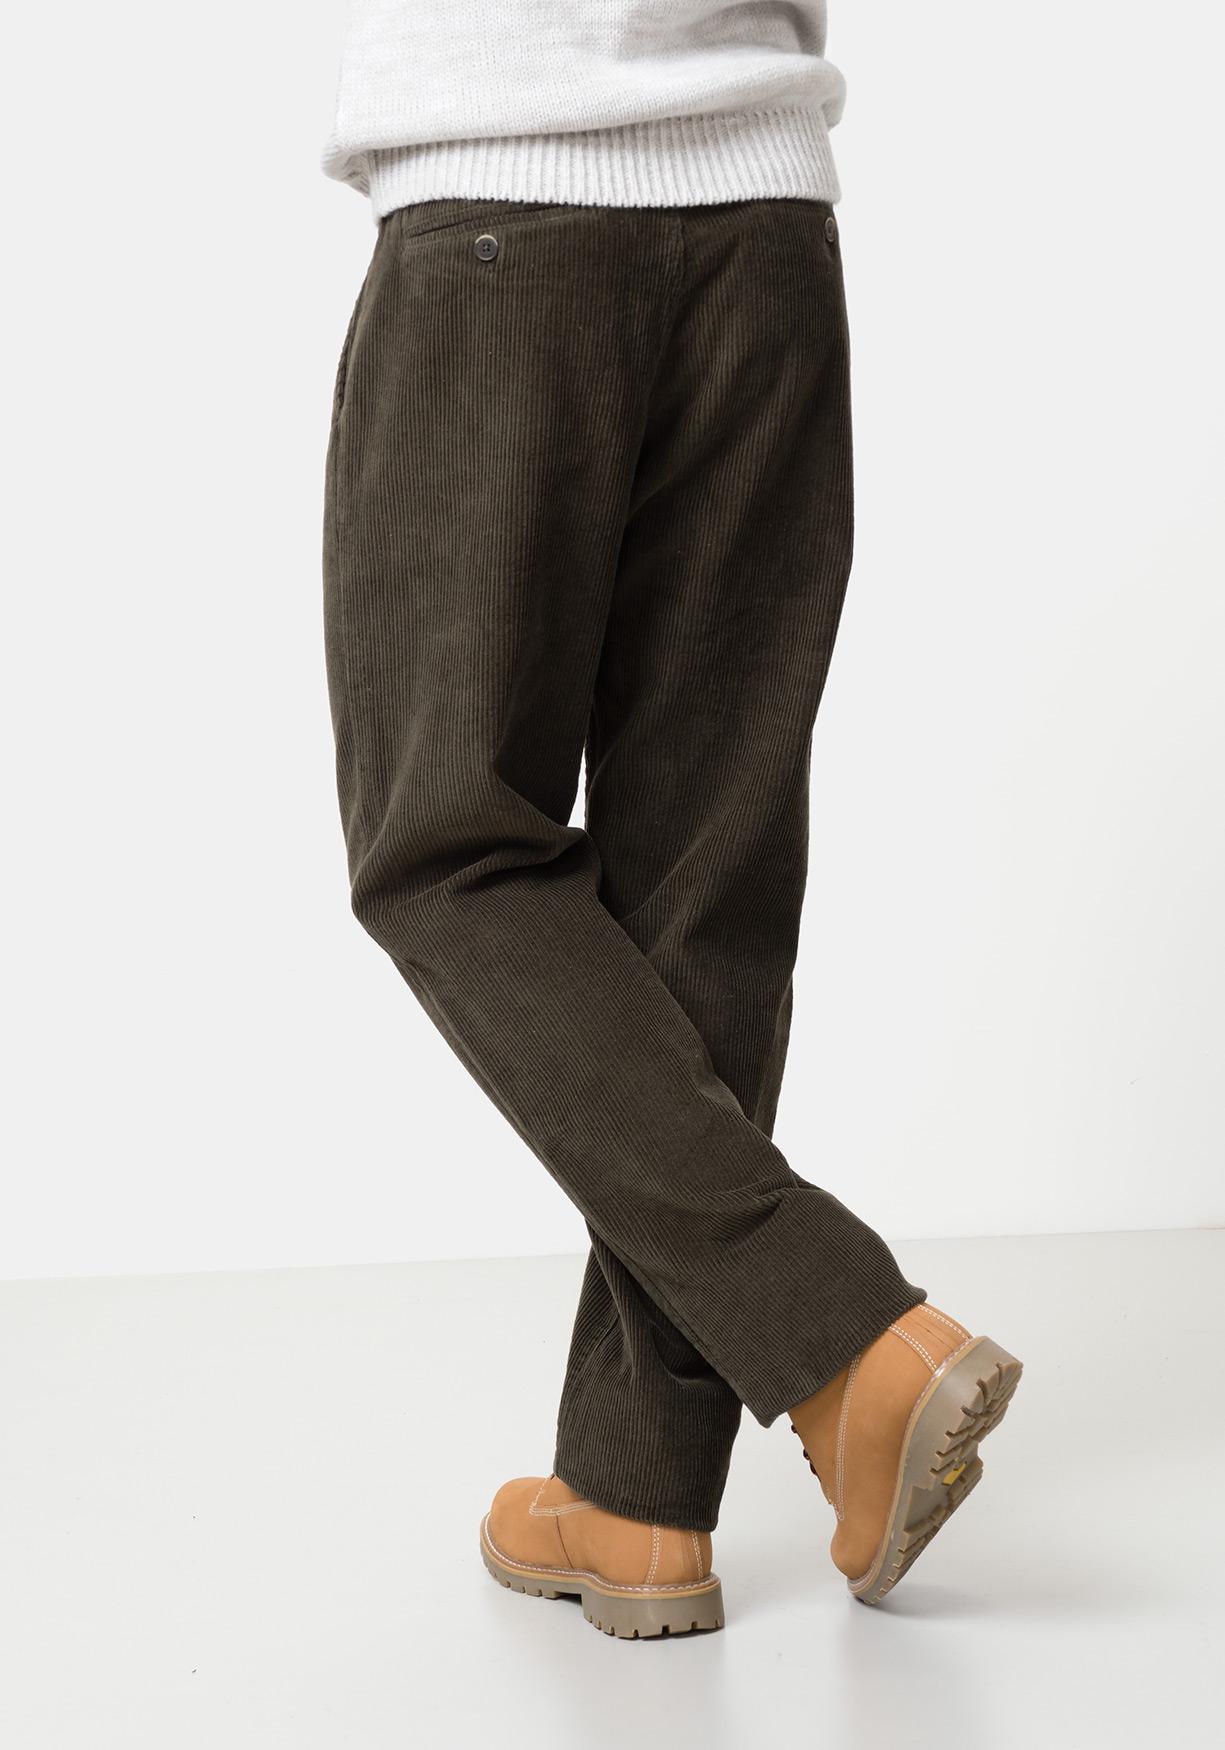 Comprar Pantalón tallas grandes de pana TEX. ¡Aprovéchate de ... 3b0da6e849e5